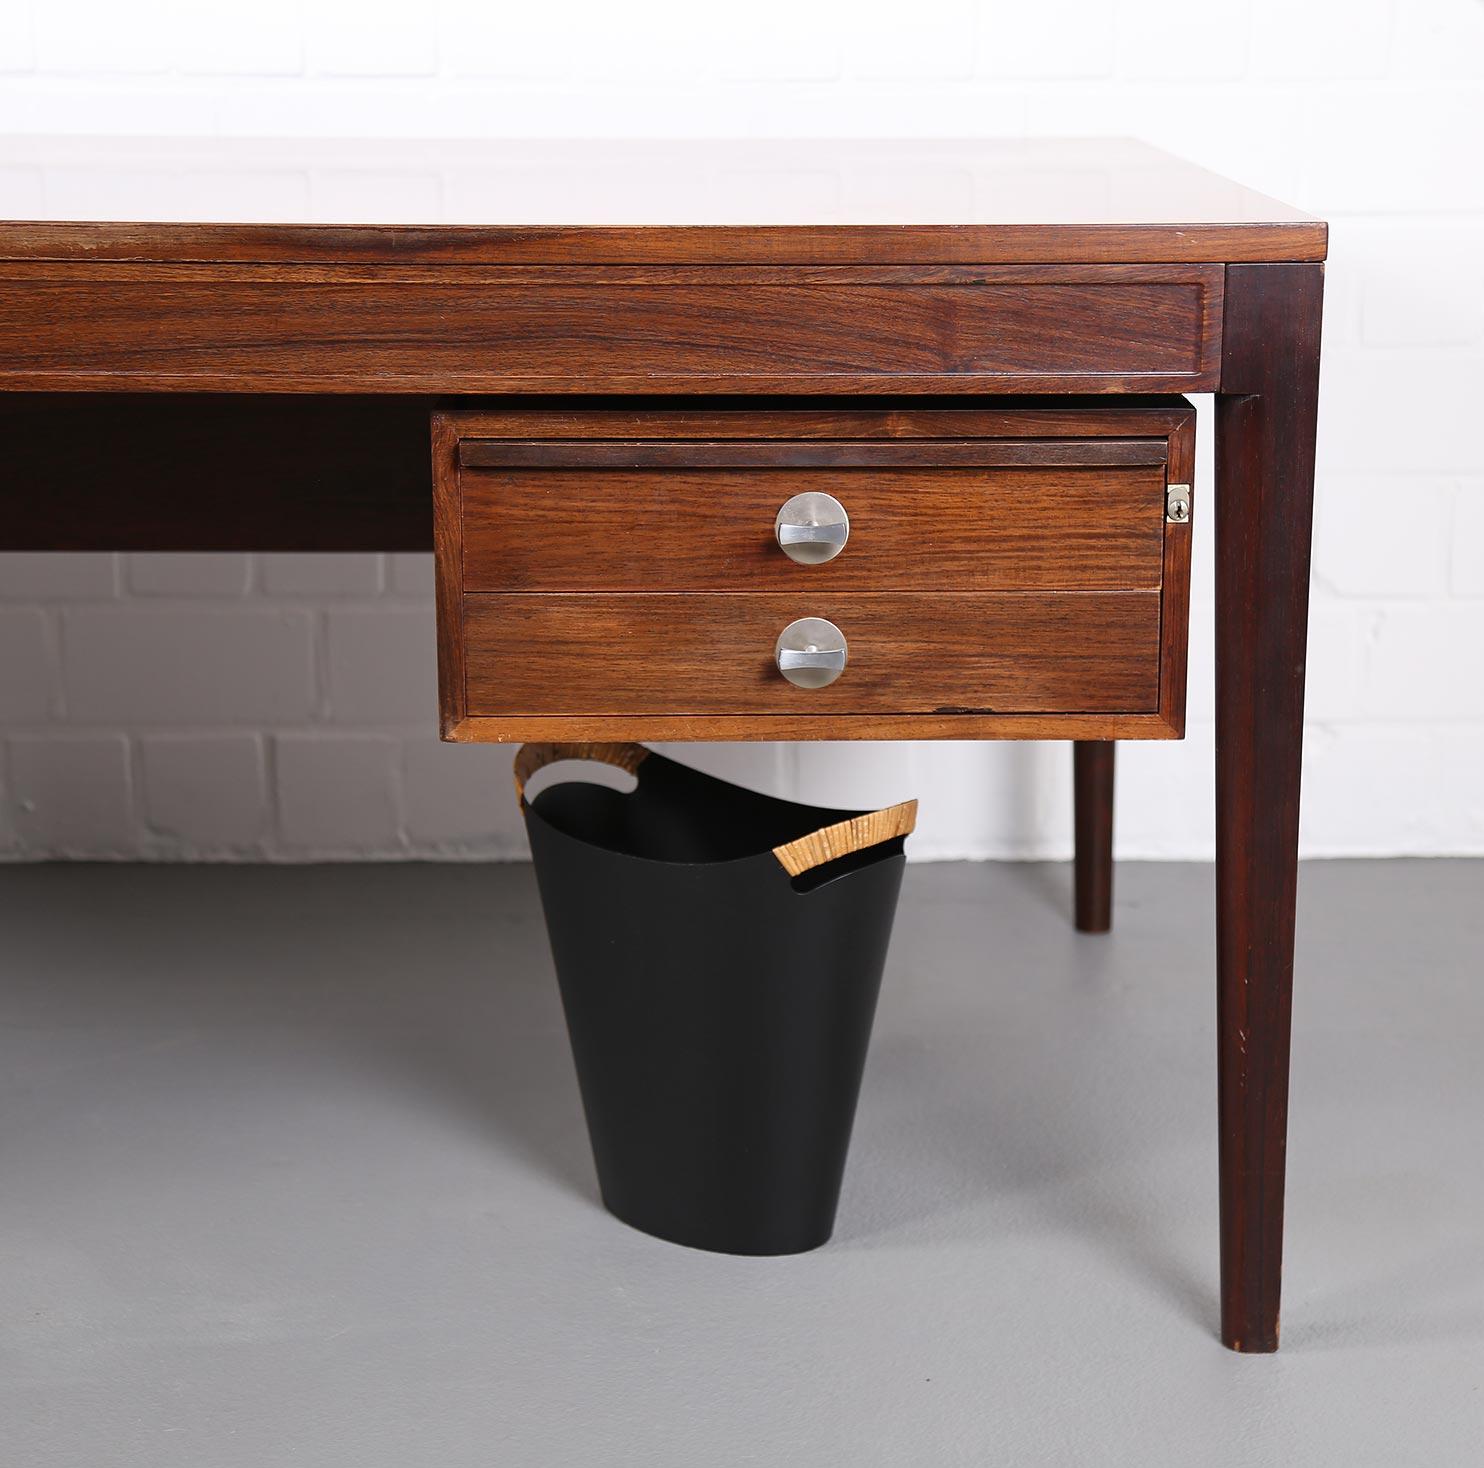 wastepaper basket papierkorbgrethe kornerup bang finn juhl orskov co 50er 60er danish. Black Bedroom Furniture Sets. Home Design Ideas